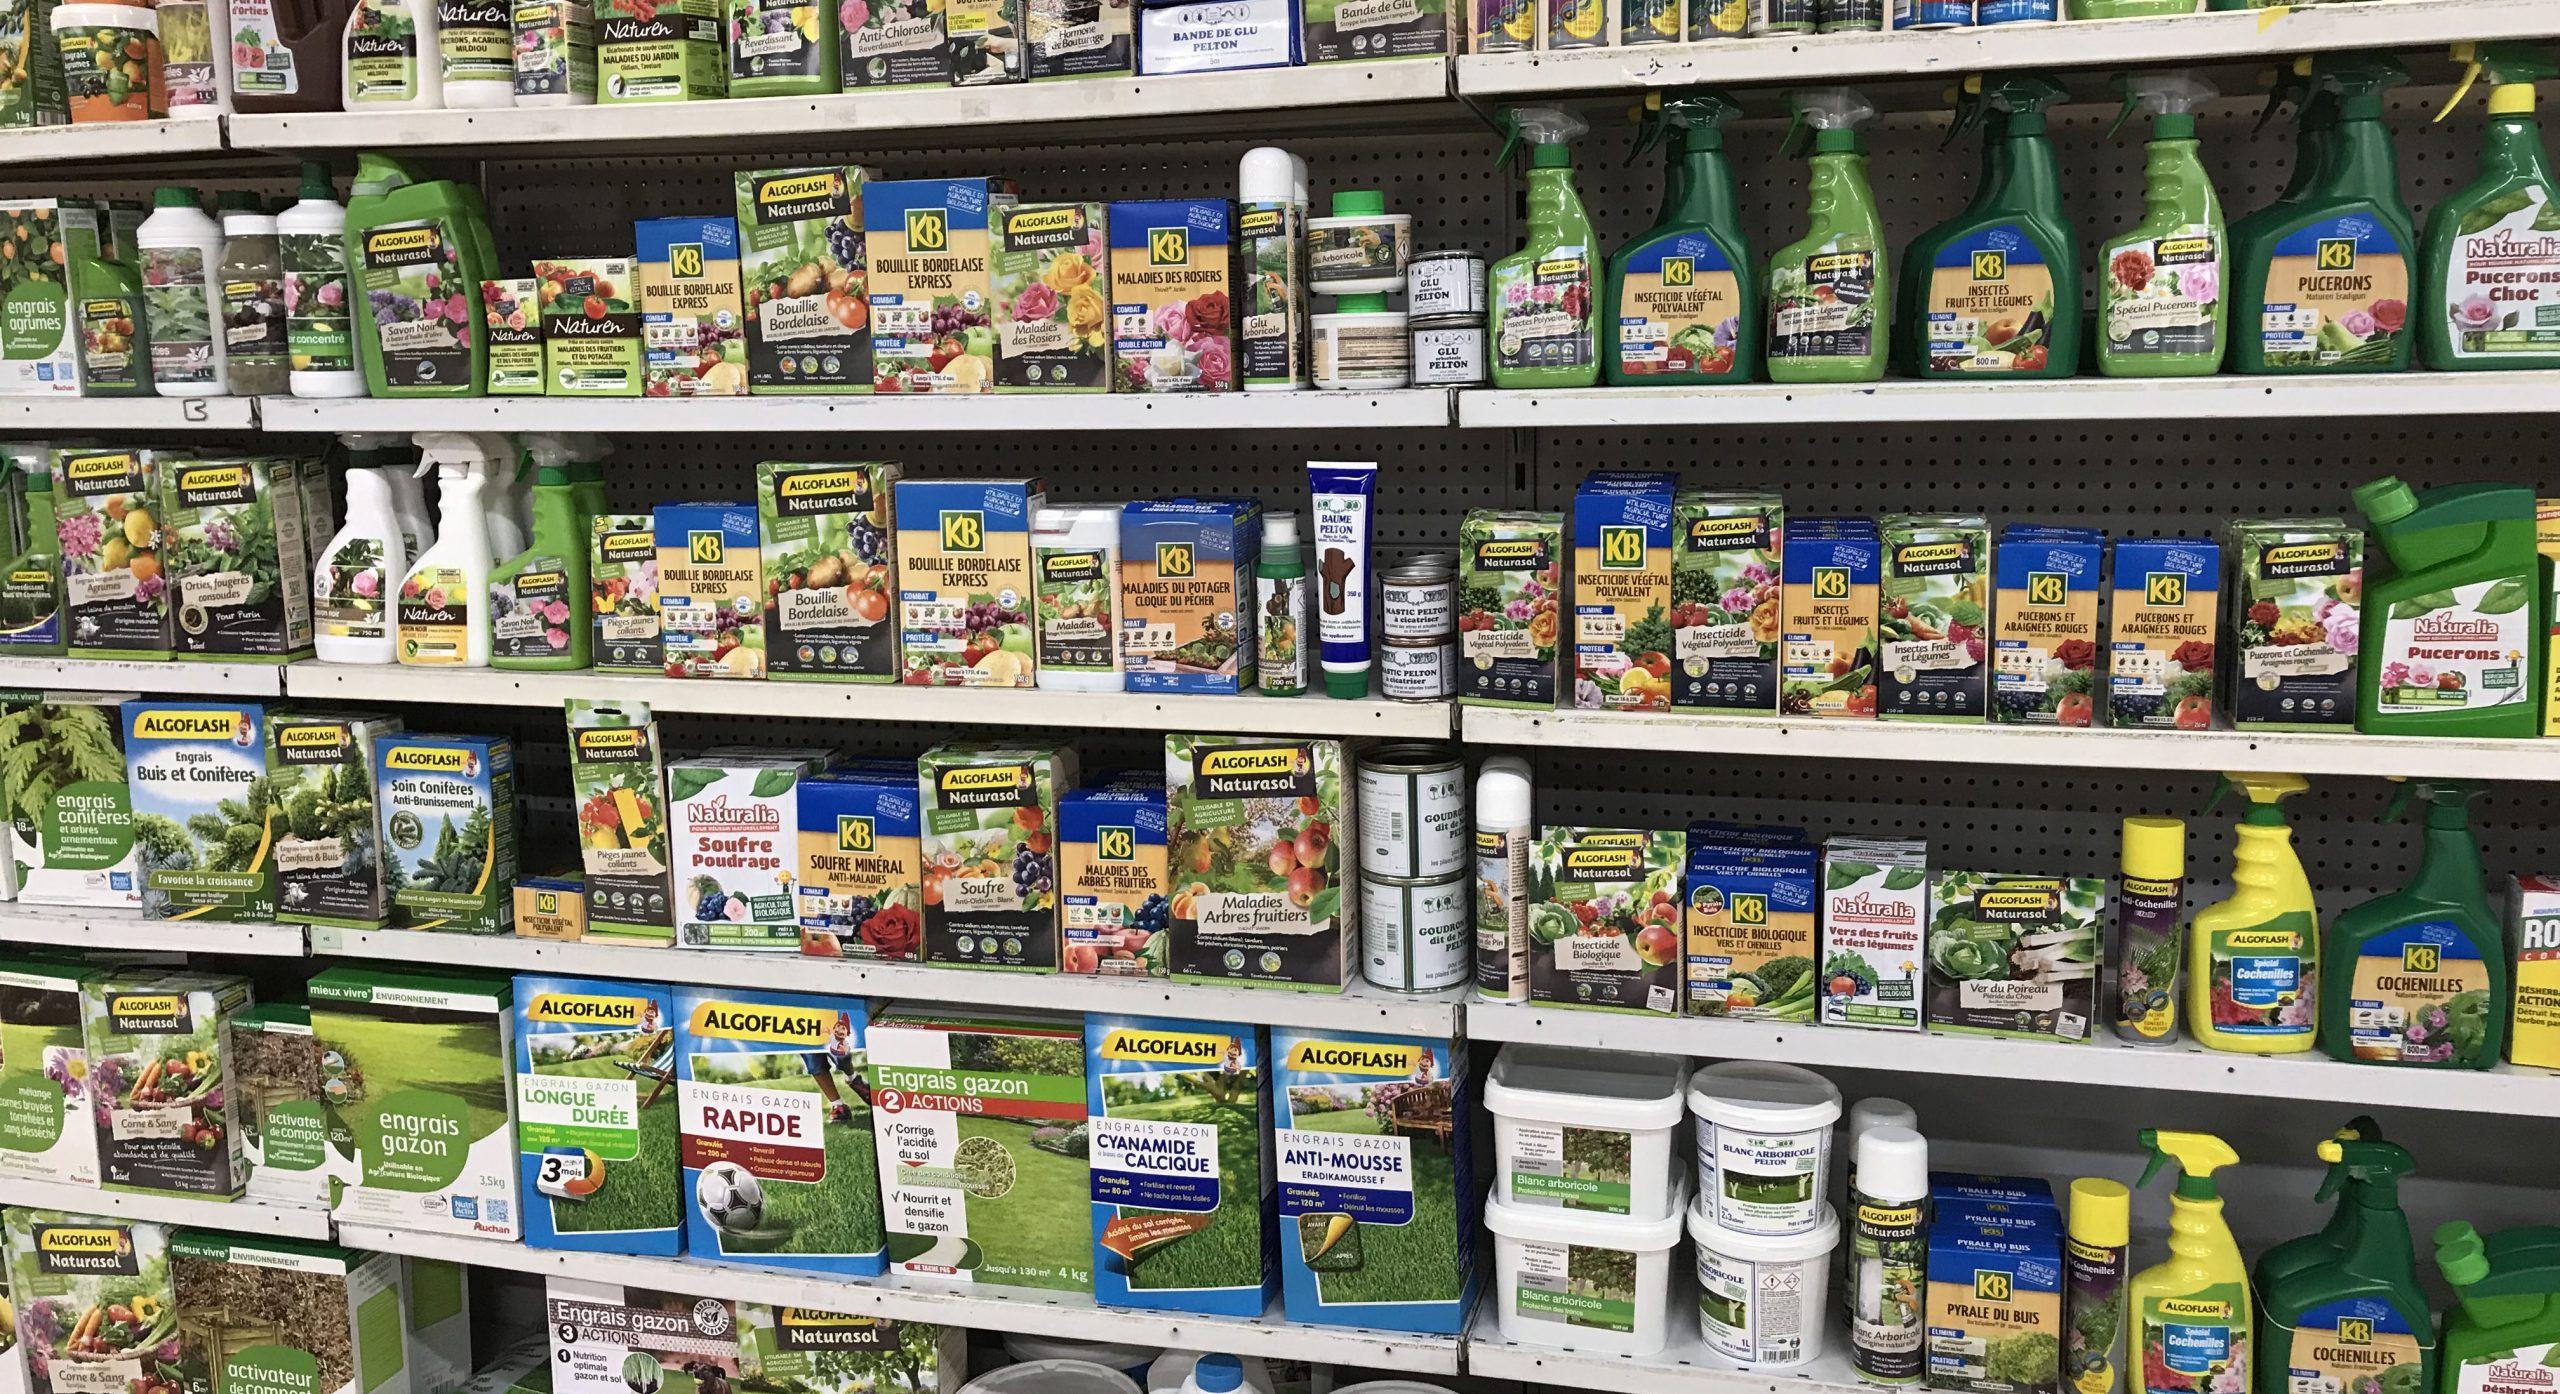 Dans Ses Rayons Jardin, Auchan Retail France Retire Les ... concernant Auchan Jardin